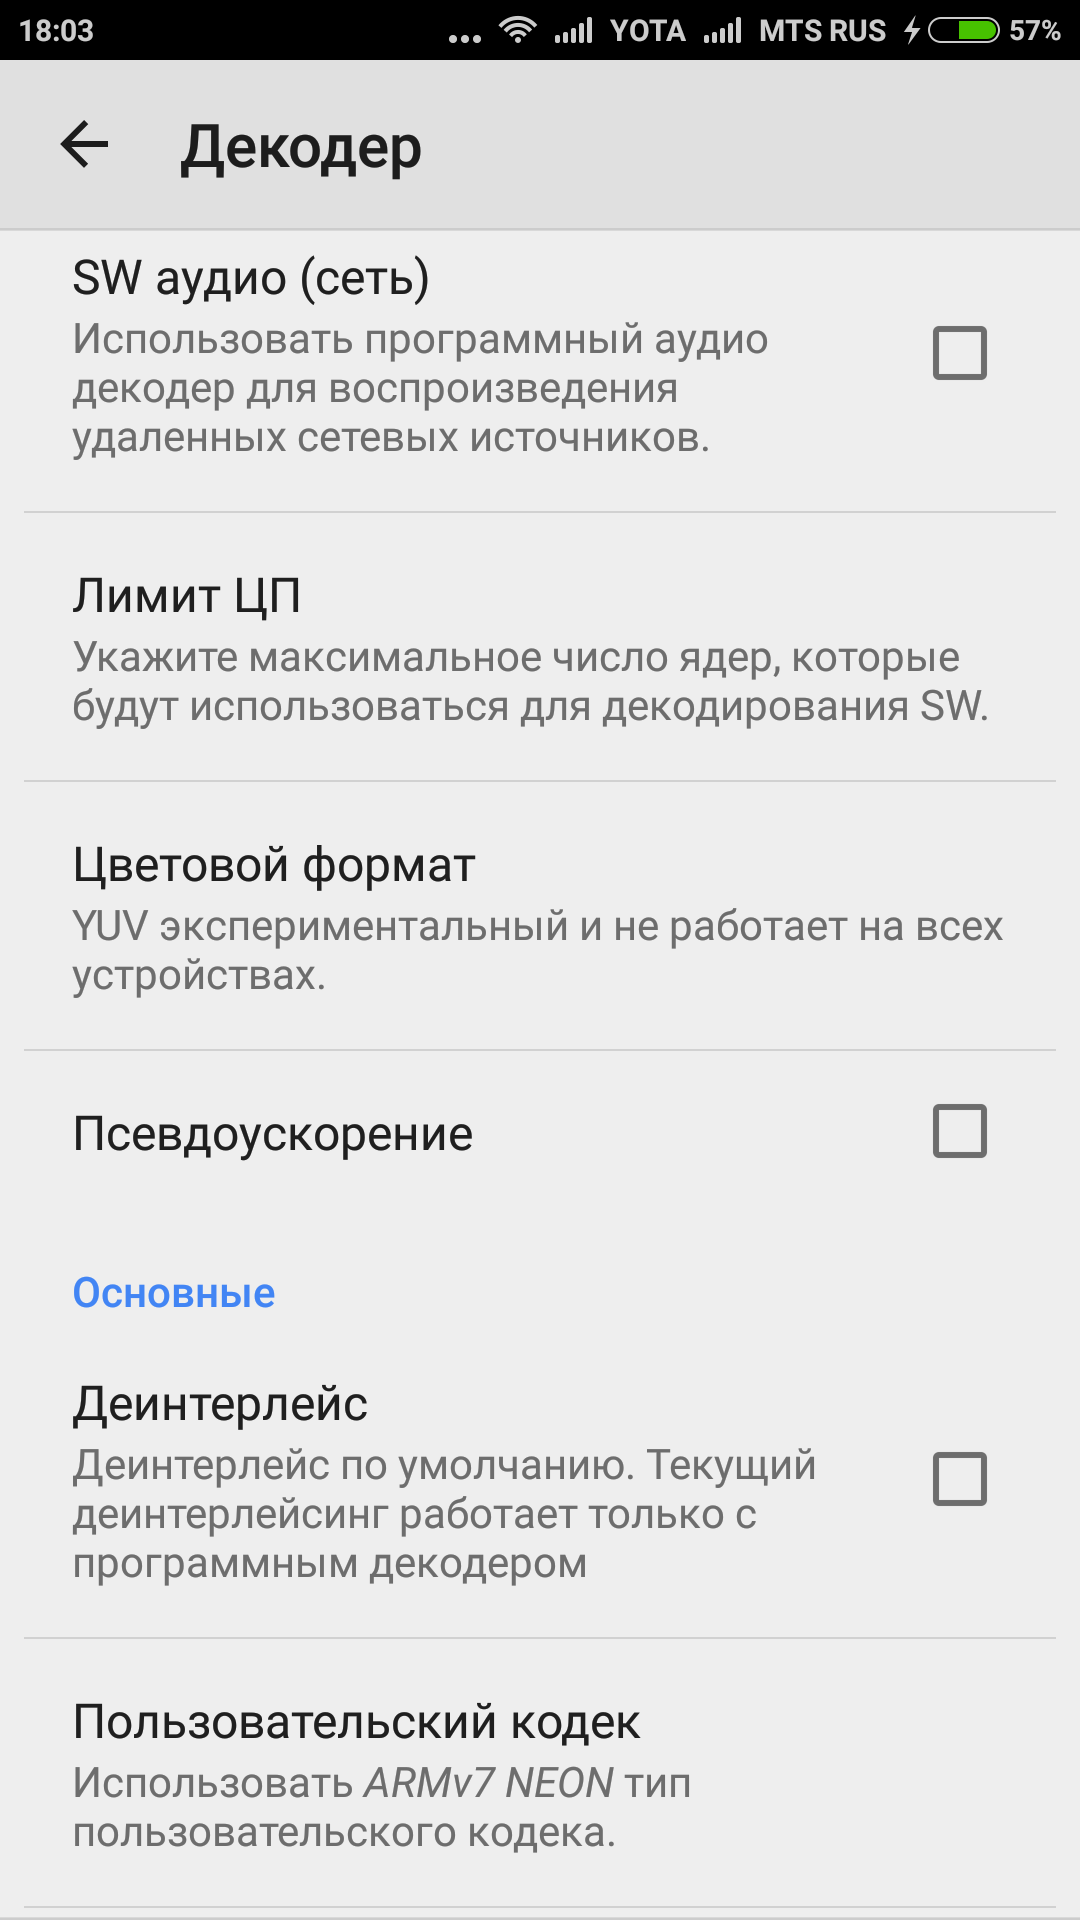 Пда ирбис приложение 4 азс